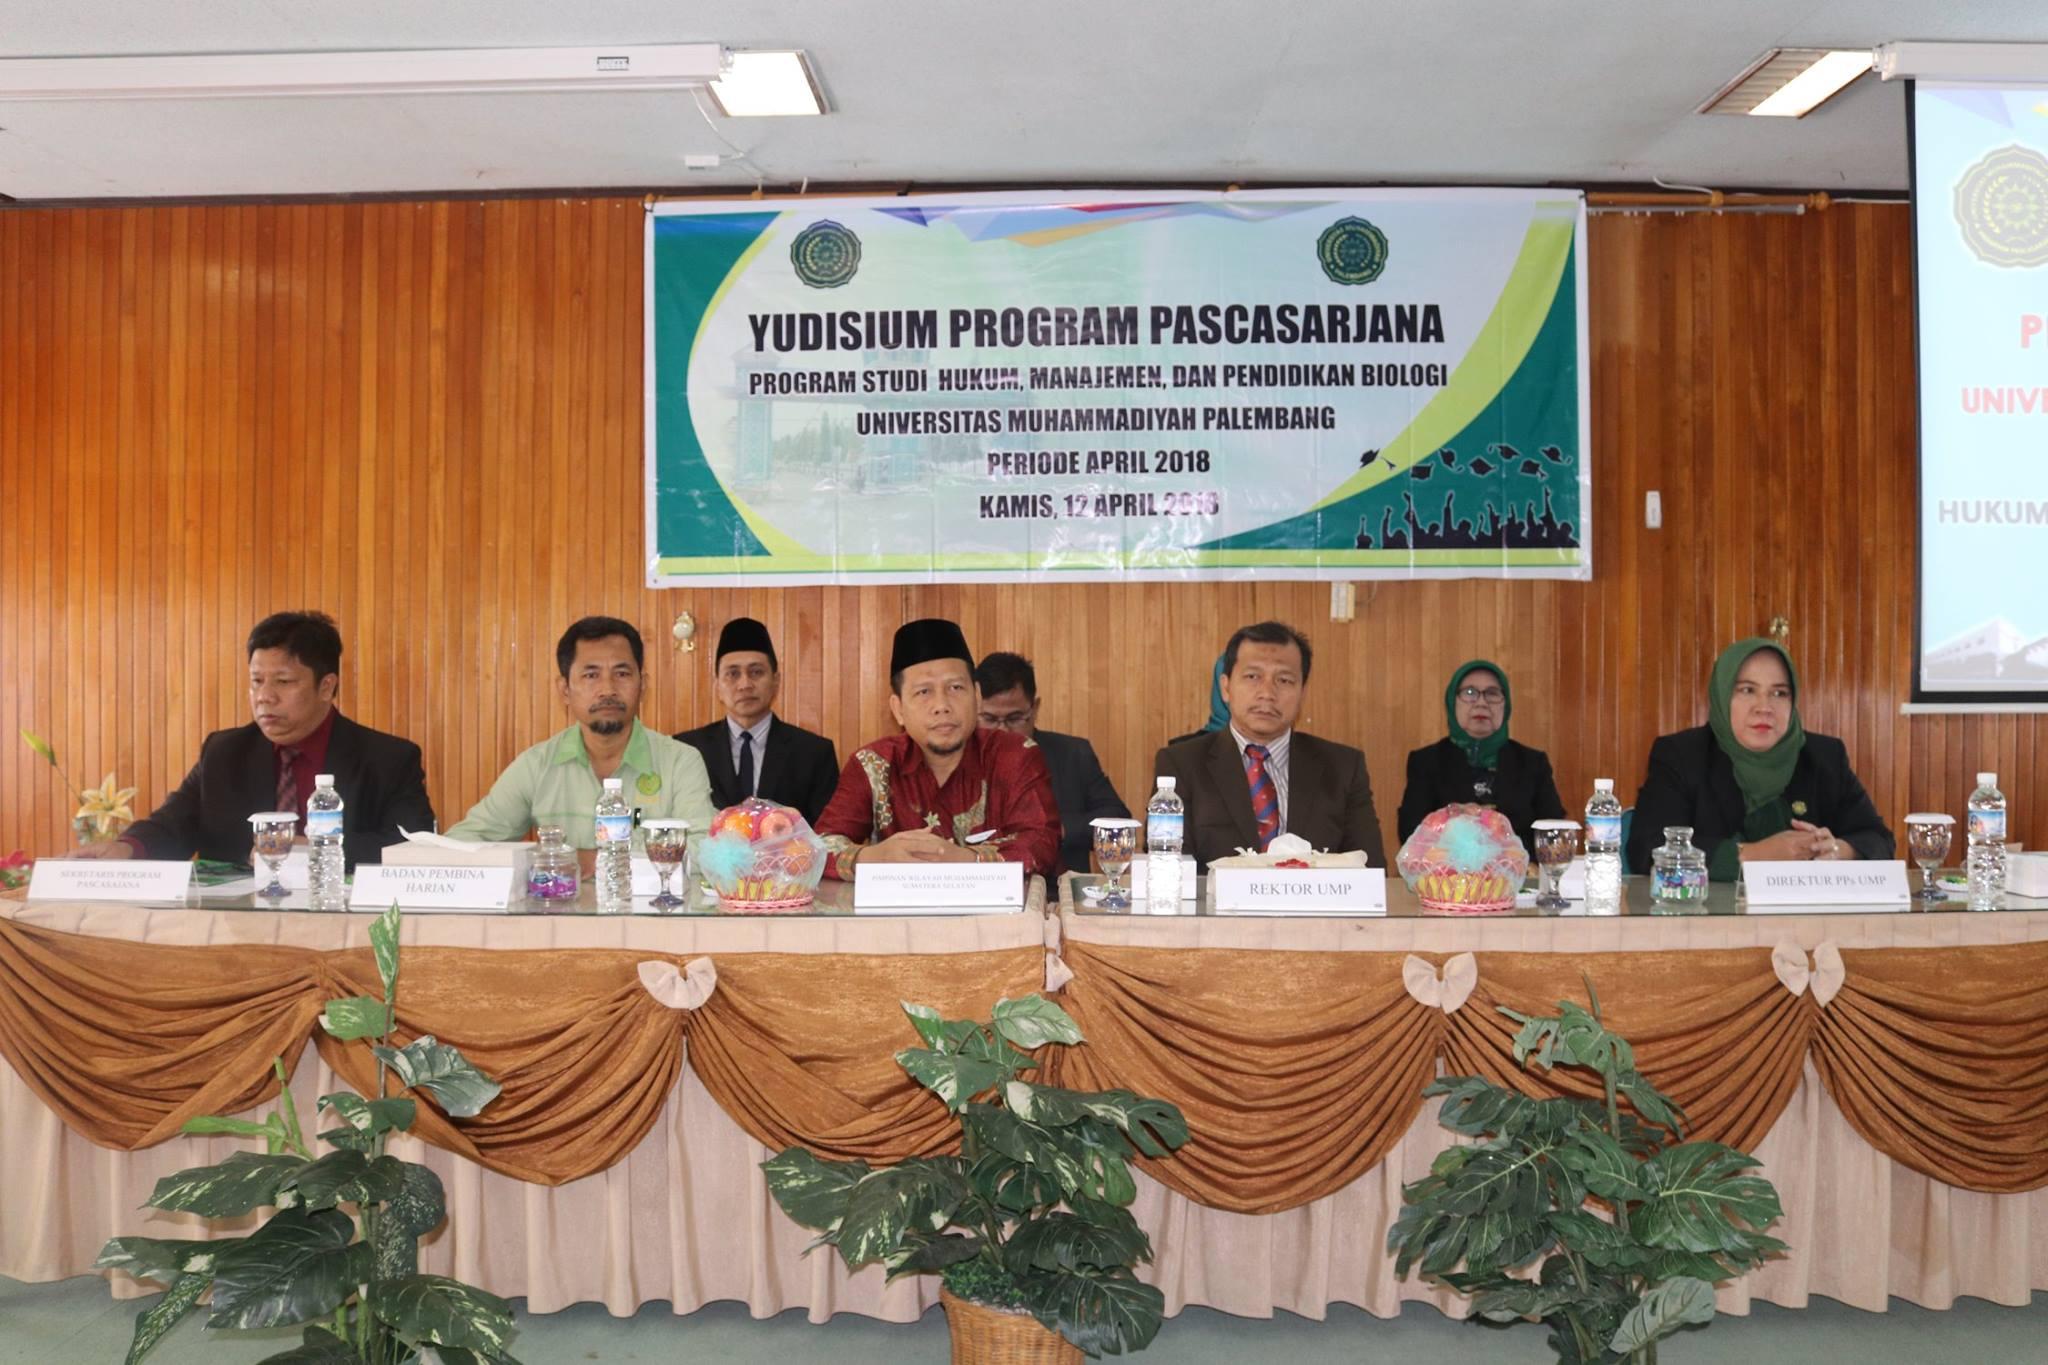 universitas-muhammadiyah-palembang-pascasarjana-001-002